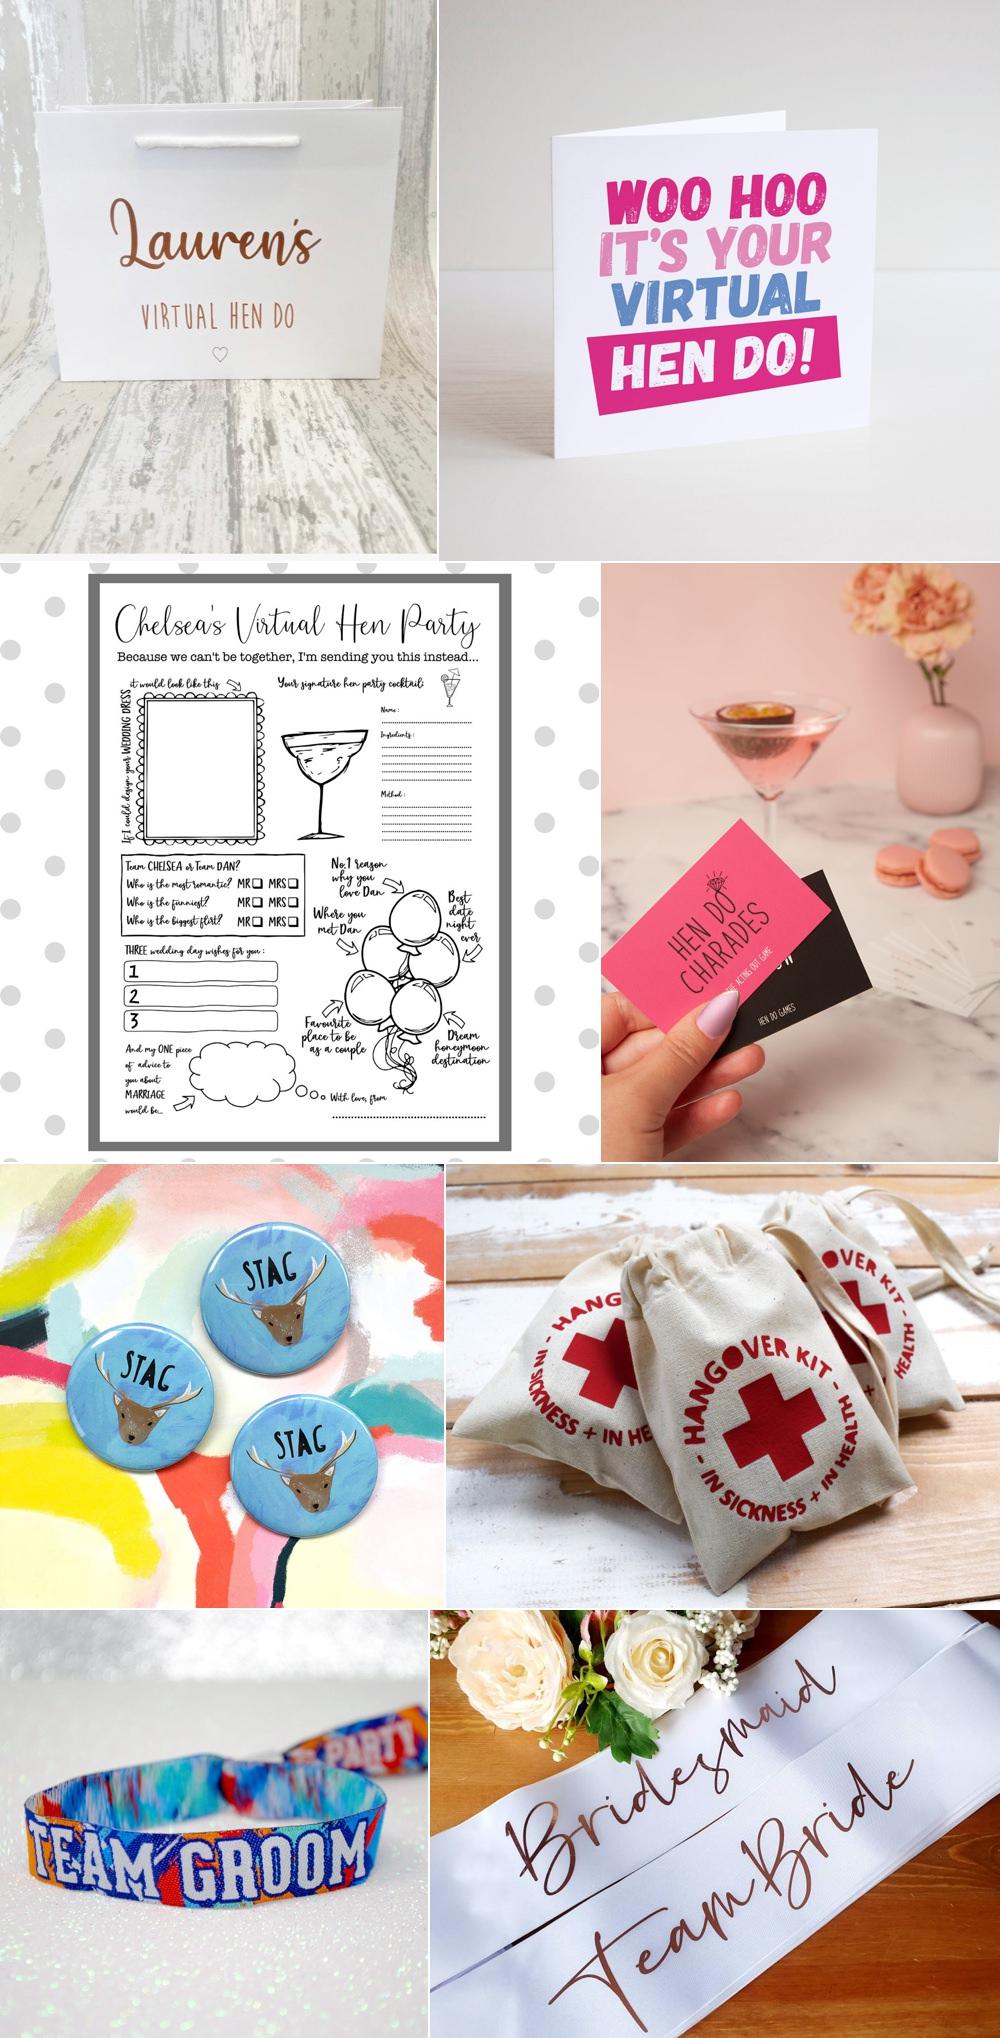 Lockdown Wedding Gift Ideas Hen Stag